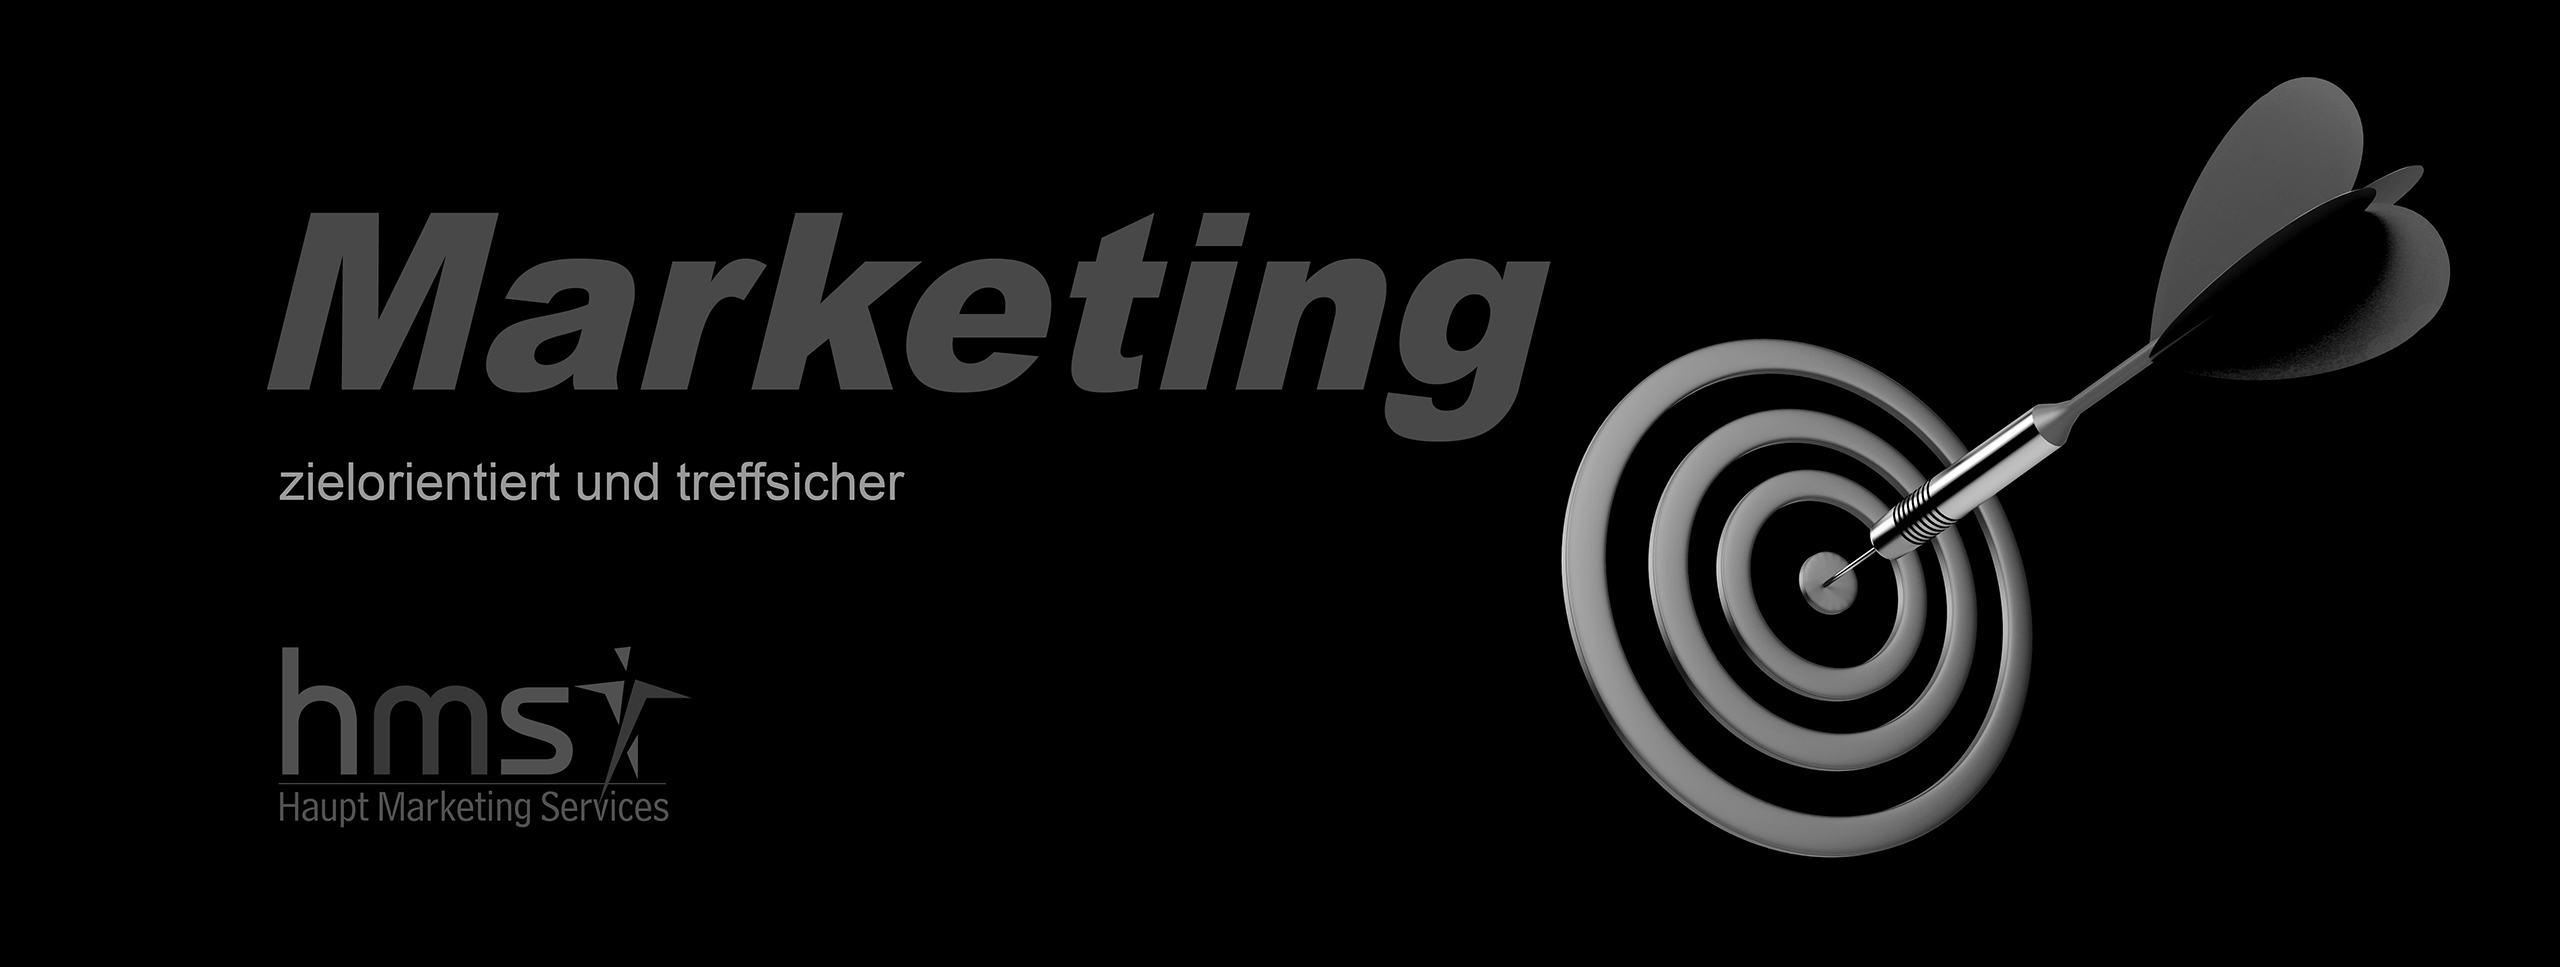 011_Web01_2017_Marketing_sw